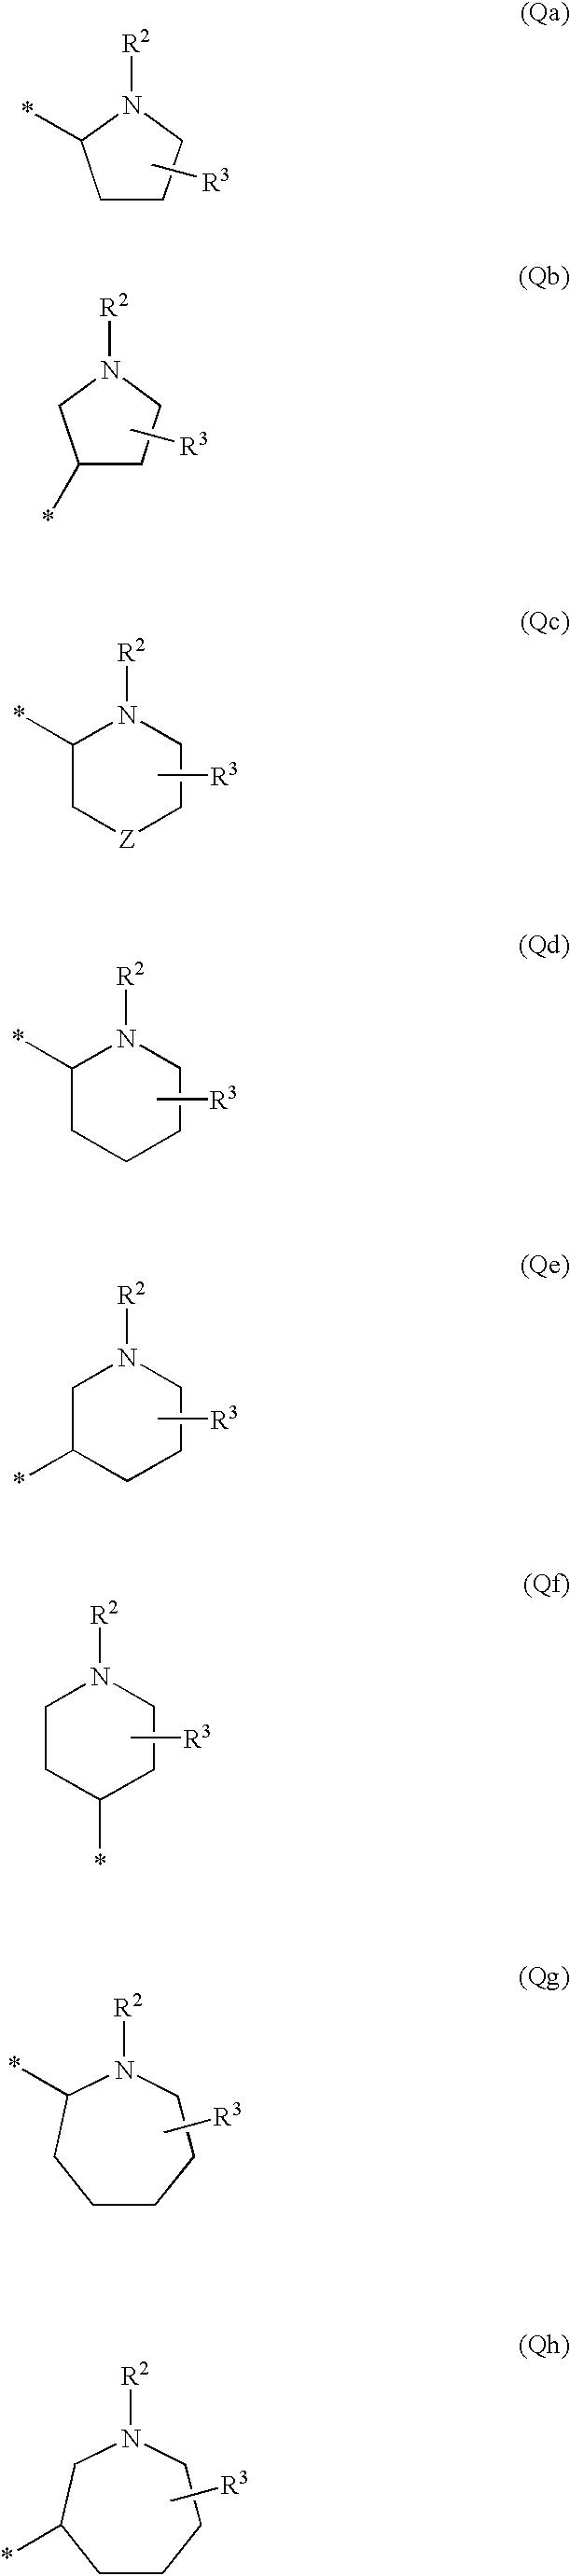 Figure US06479480-20021112-C00004